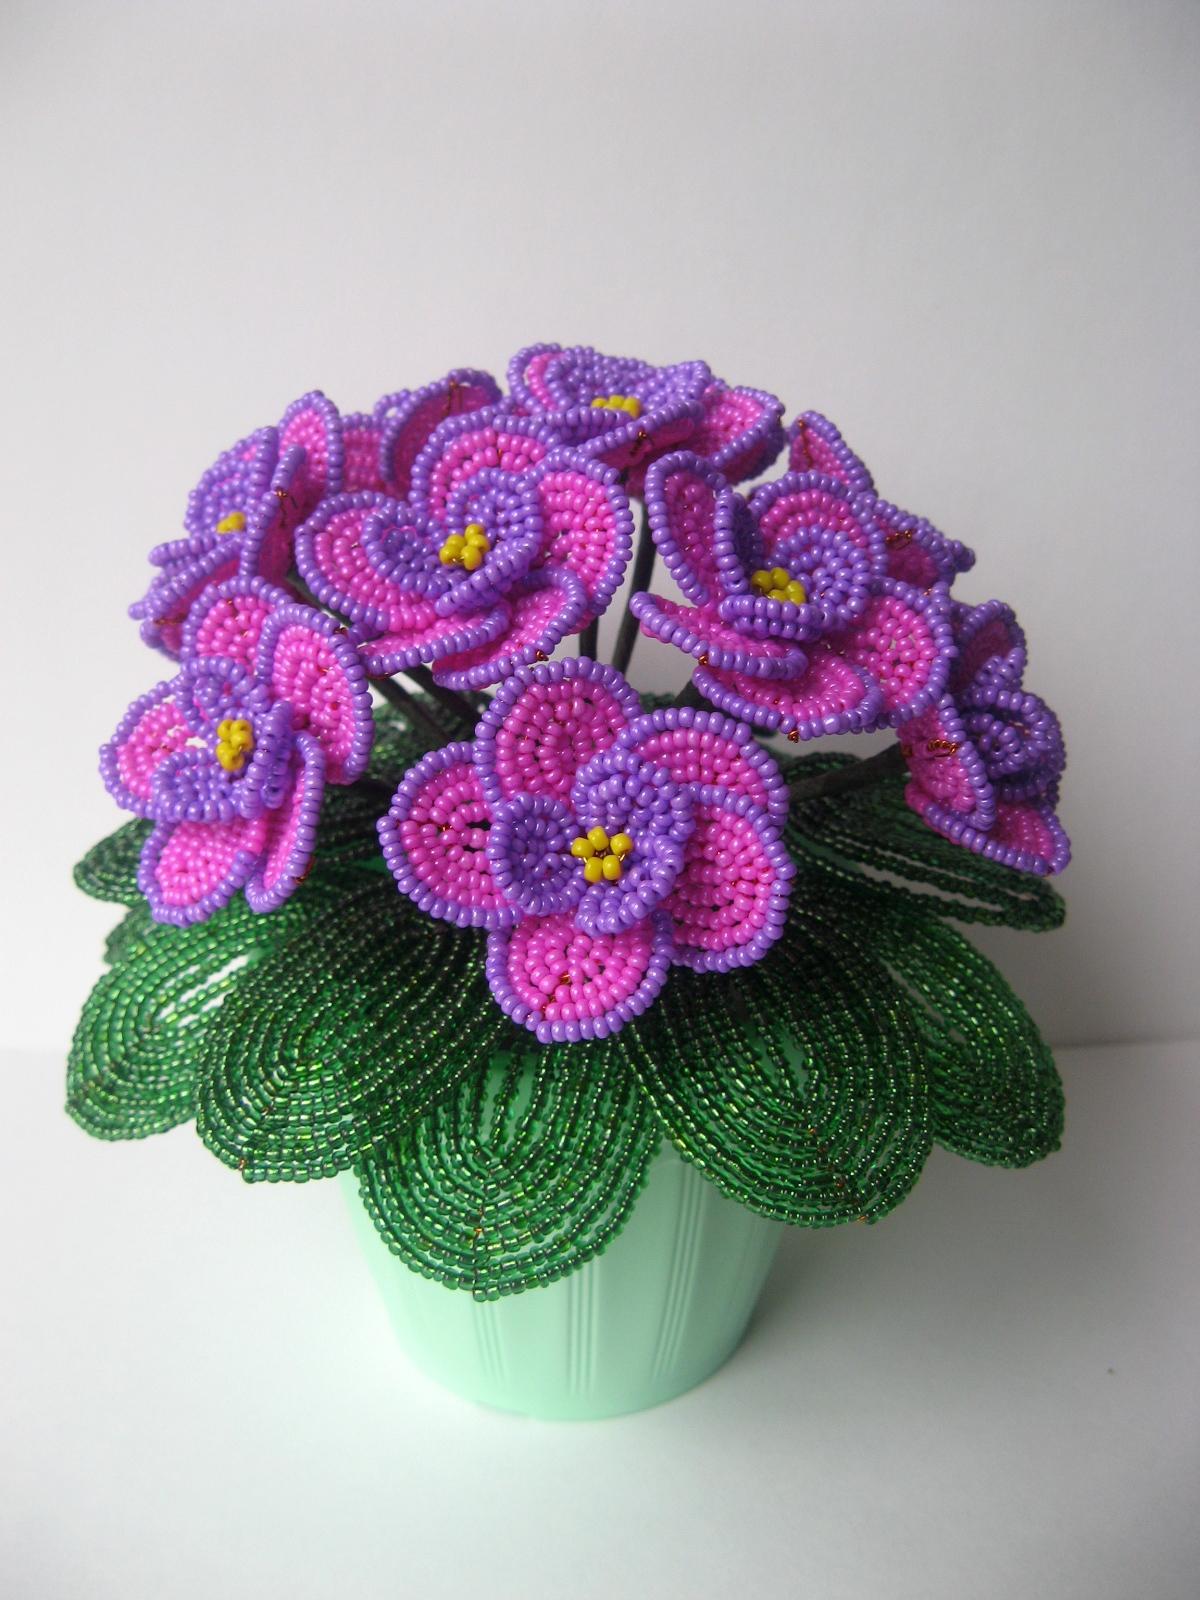 Фиалки из бисера: мастер-класс по изготовлению цветка своими руками